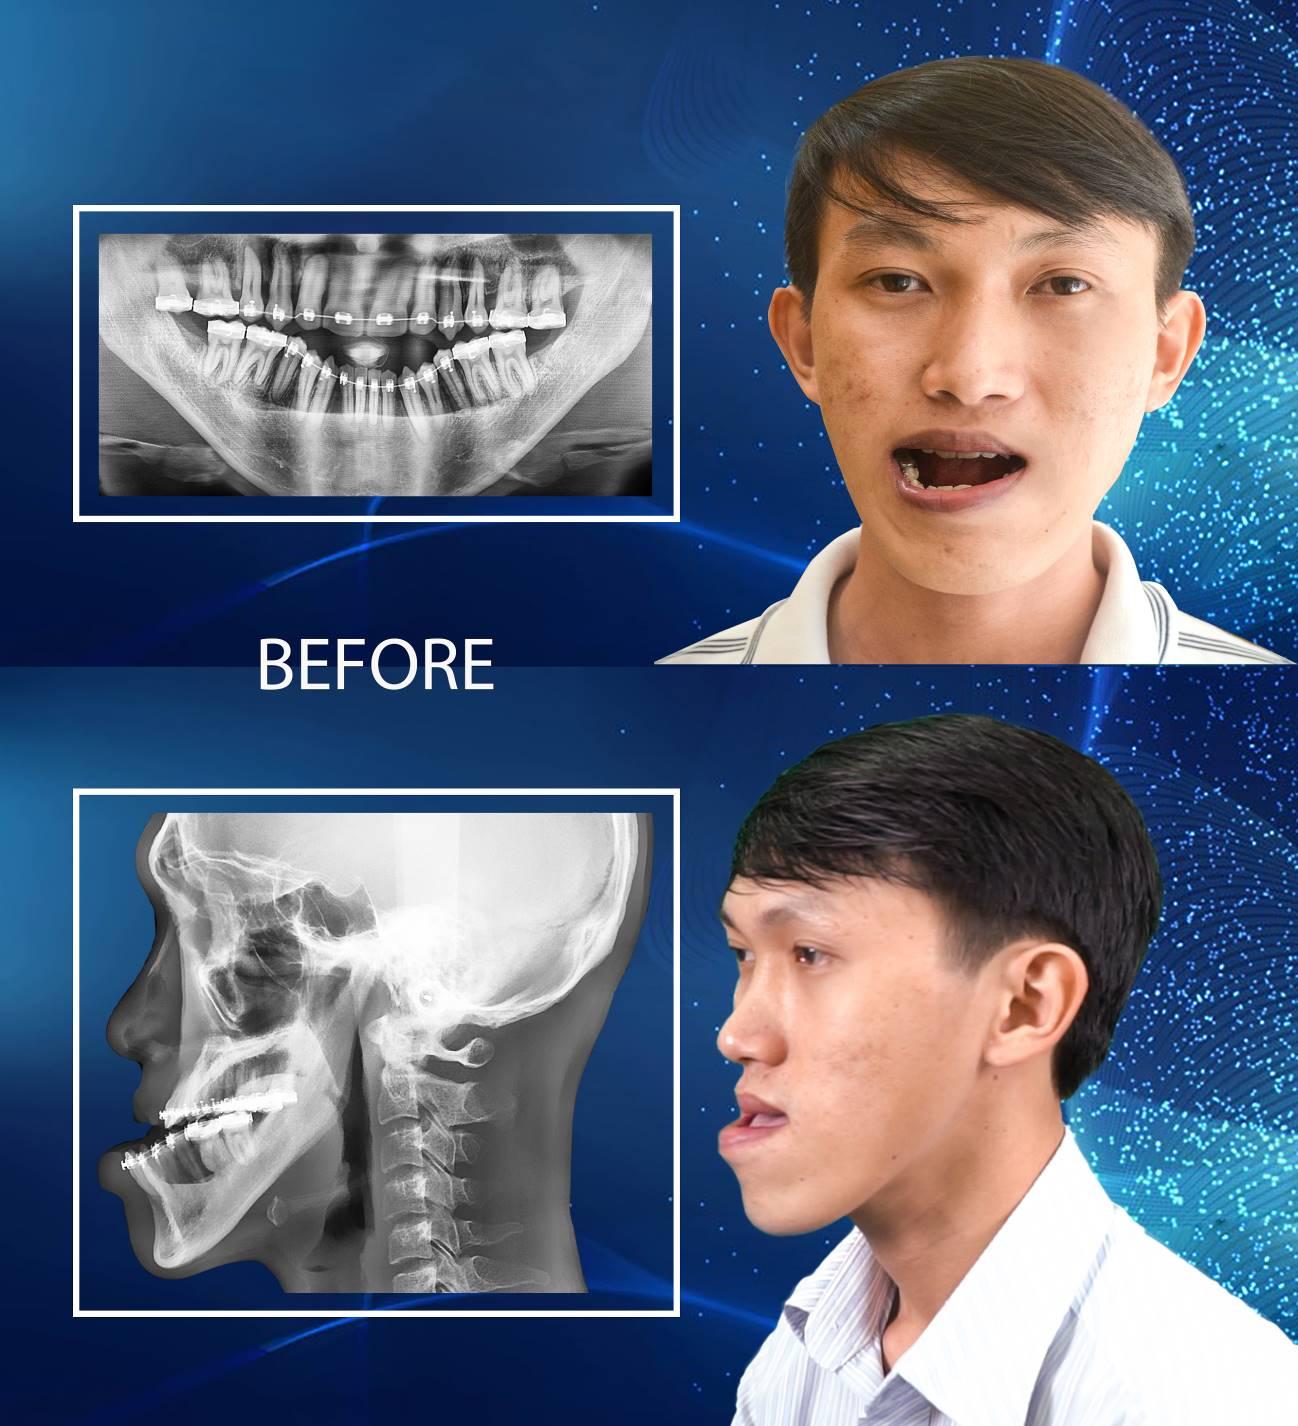 Thạc sĩ xe ôm liều mình cắt 2 hàm để trở thành người bình thường - Ảnh 1.